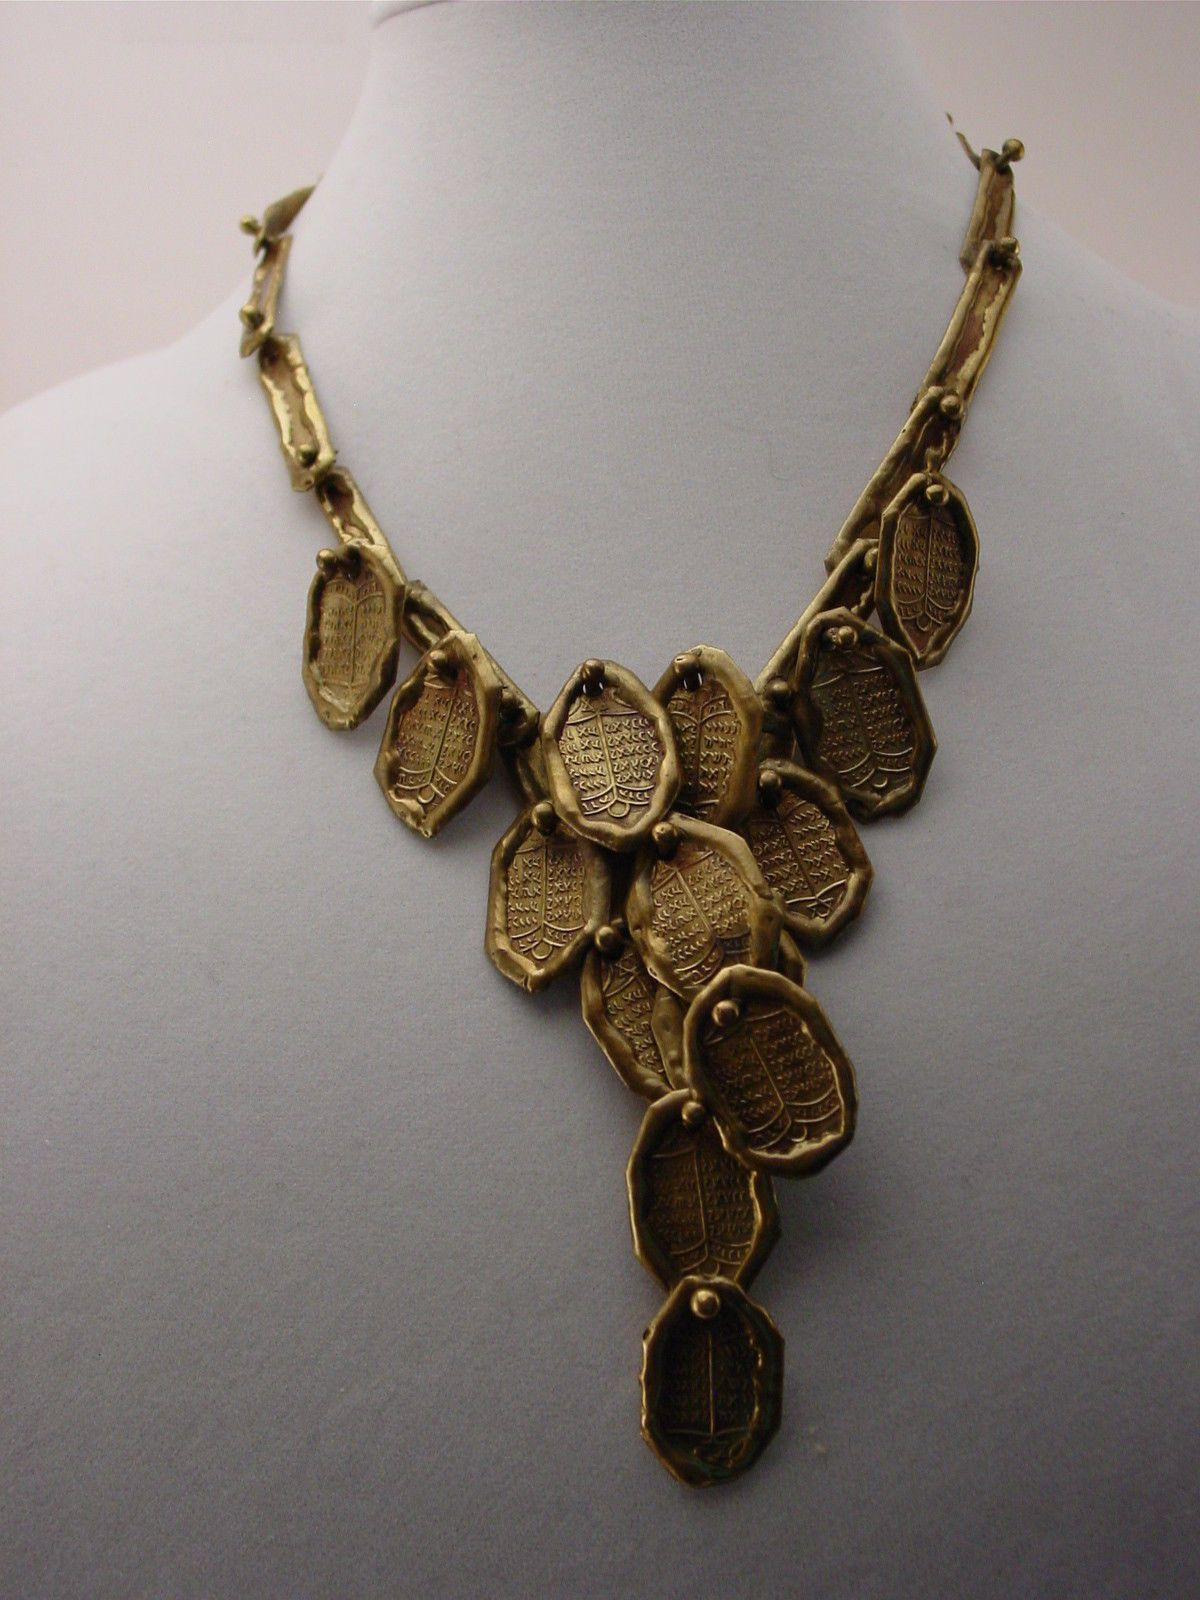 Vintage Estate PAL KEPENYES Signed Brass or Bronze Modernist Brutalist  Necklace